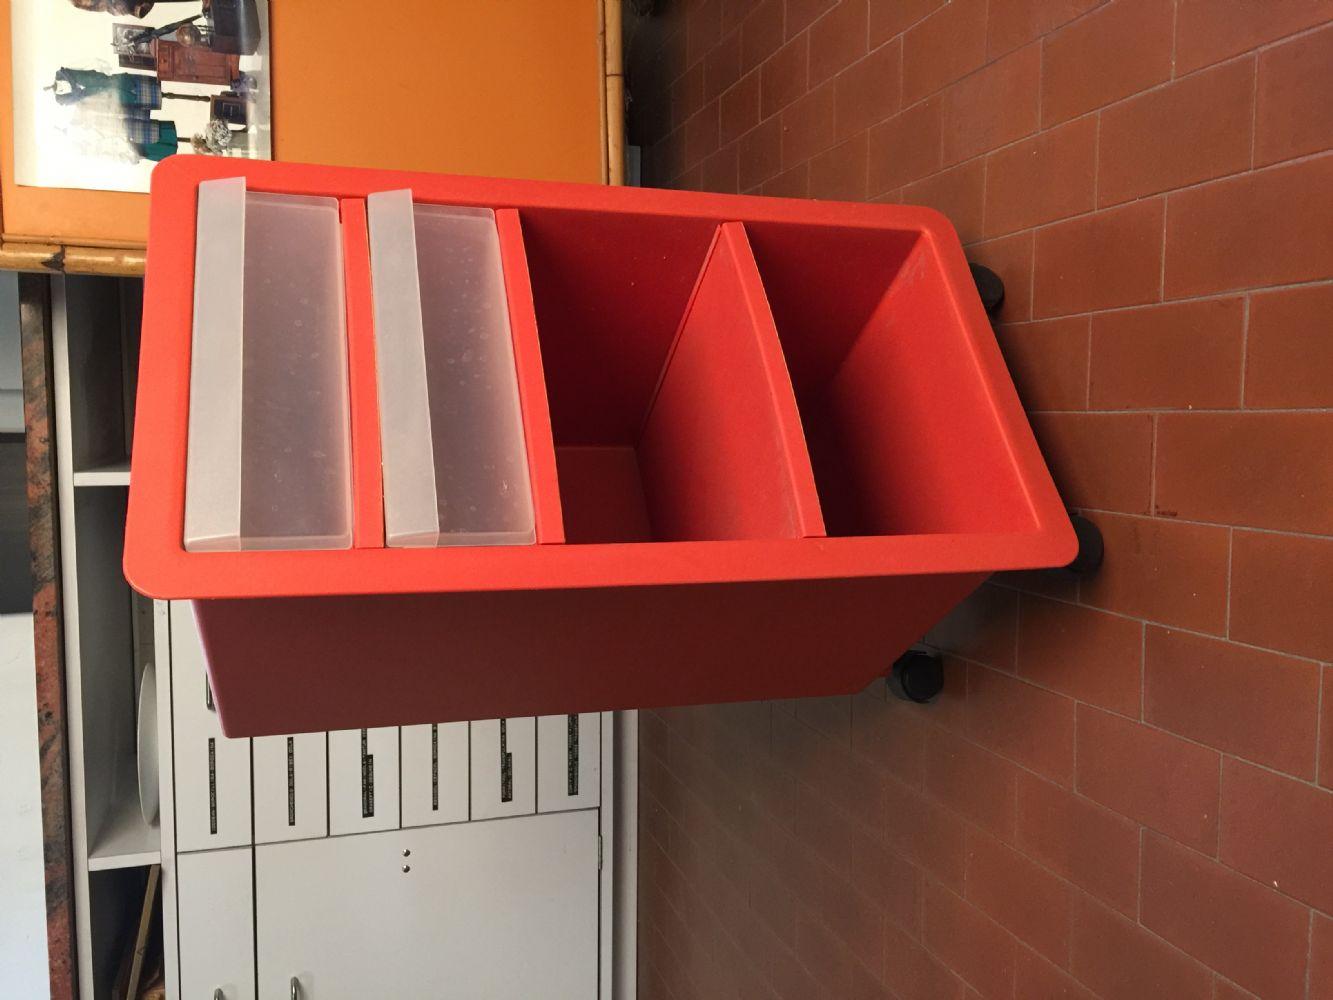 Cassettiere Ikea Con Ruote.Baratto Scambio Mobiletto Ikea Con Ruote Arredamento